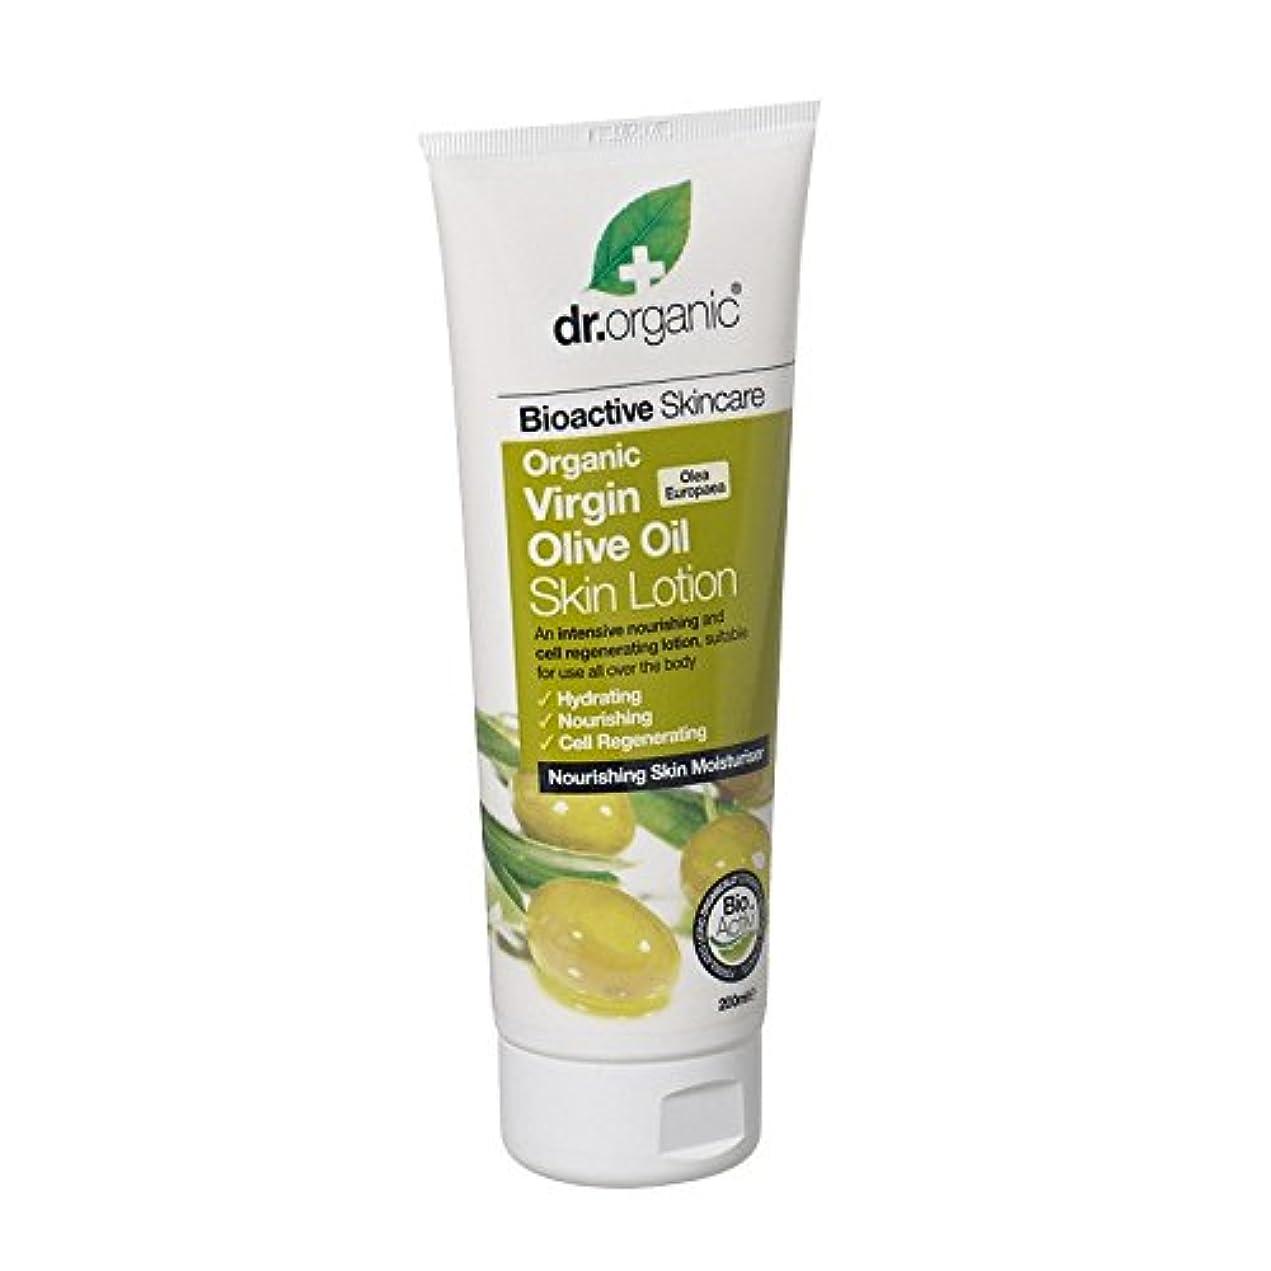 赤外線パラメータ今後Dr有機バージンオリーブスキンローション - Dr Organic Virgin Olive Skin Lotion (Dr Organic) [並行輸入品]